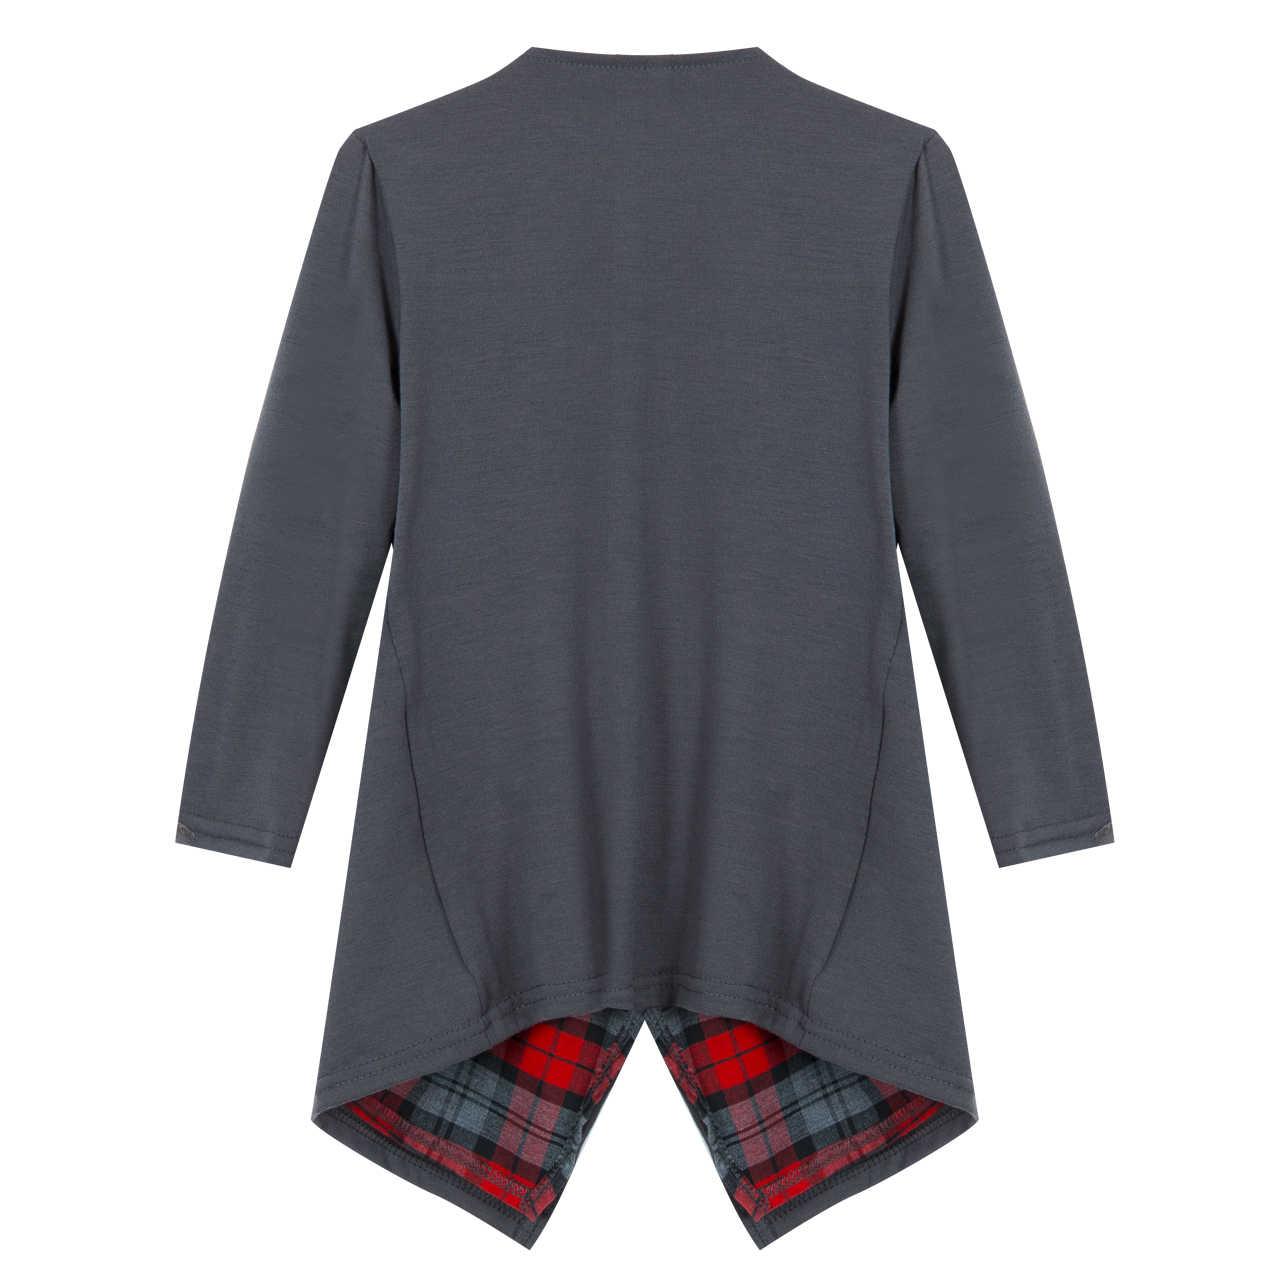 Hirigin повседневные Для женщин с длинным рукавом серый Цвета отложным воротником хлопковый кардиган свитер кардиган